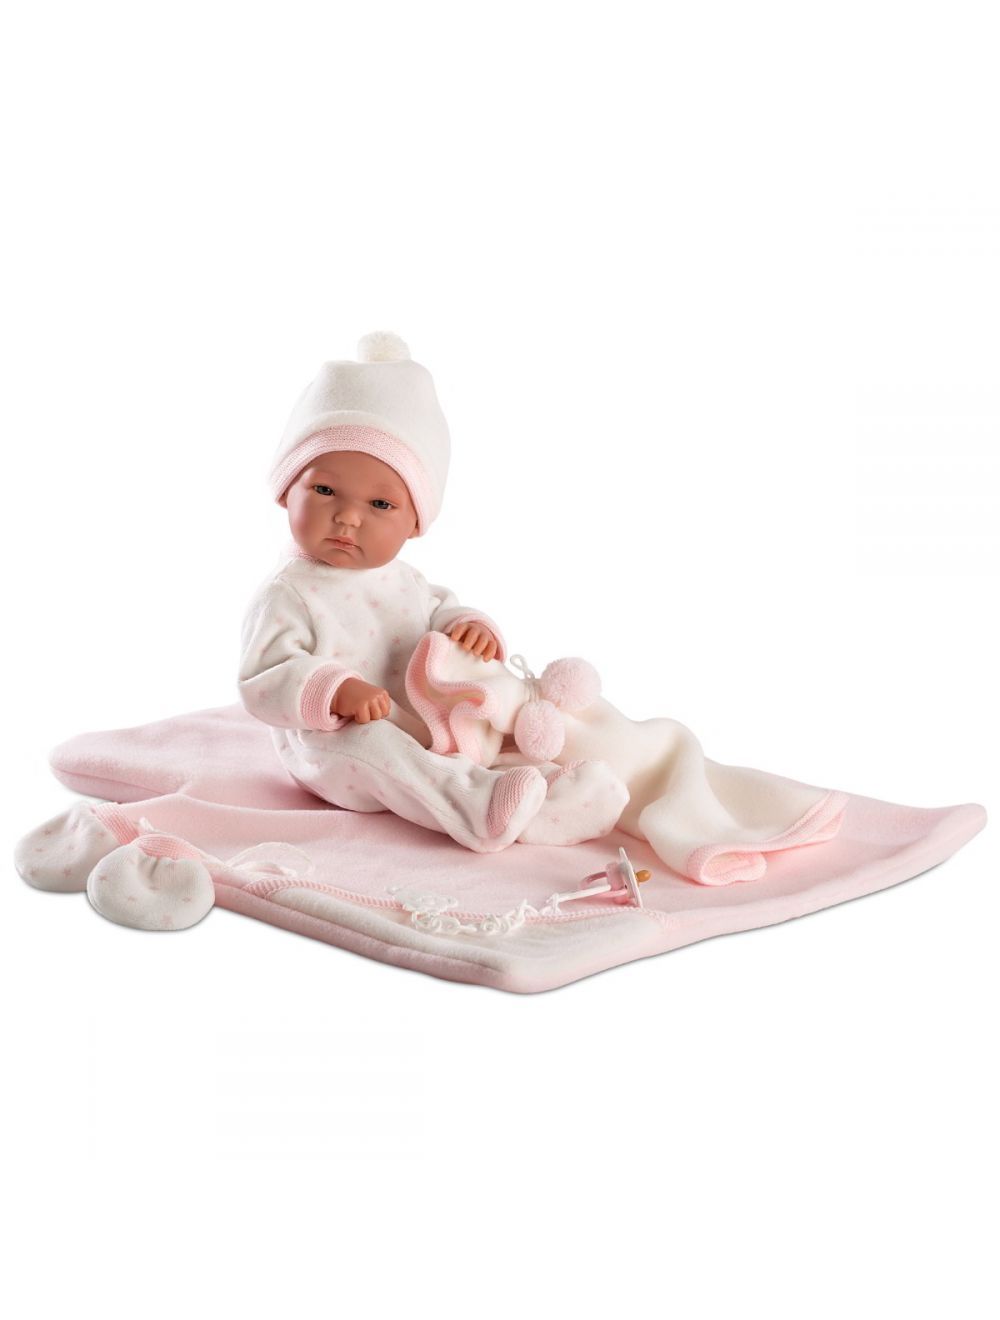 LLORENS Lalka Bimba w różowej piżamie, do przewijania  35 cm